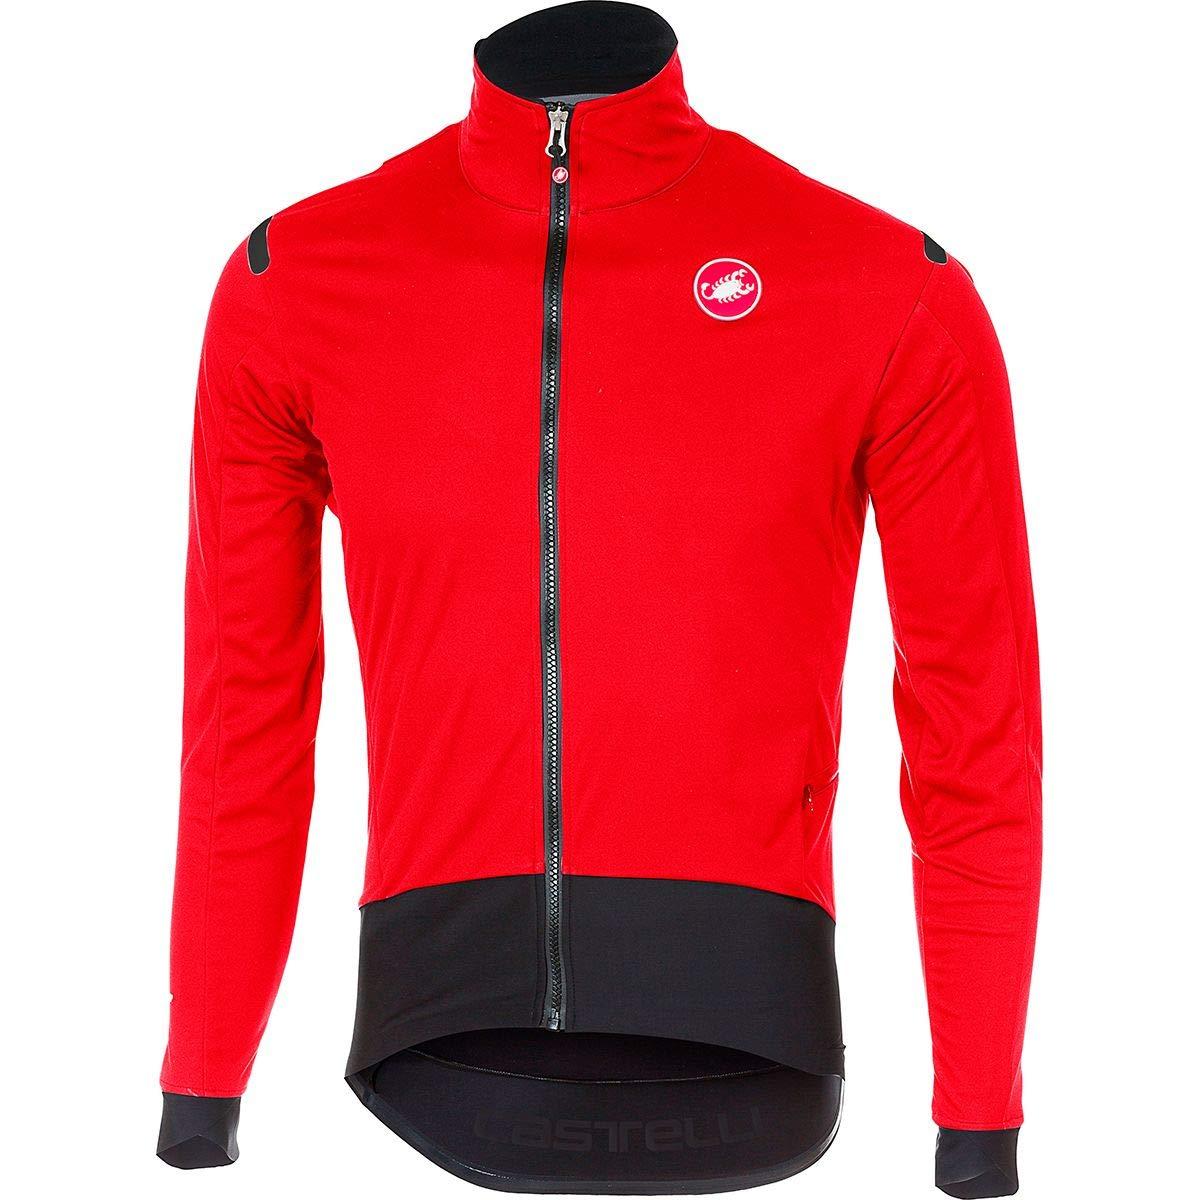 Castelli Alpha ROS Light Jacket - Men's Red/Black, S